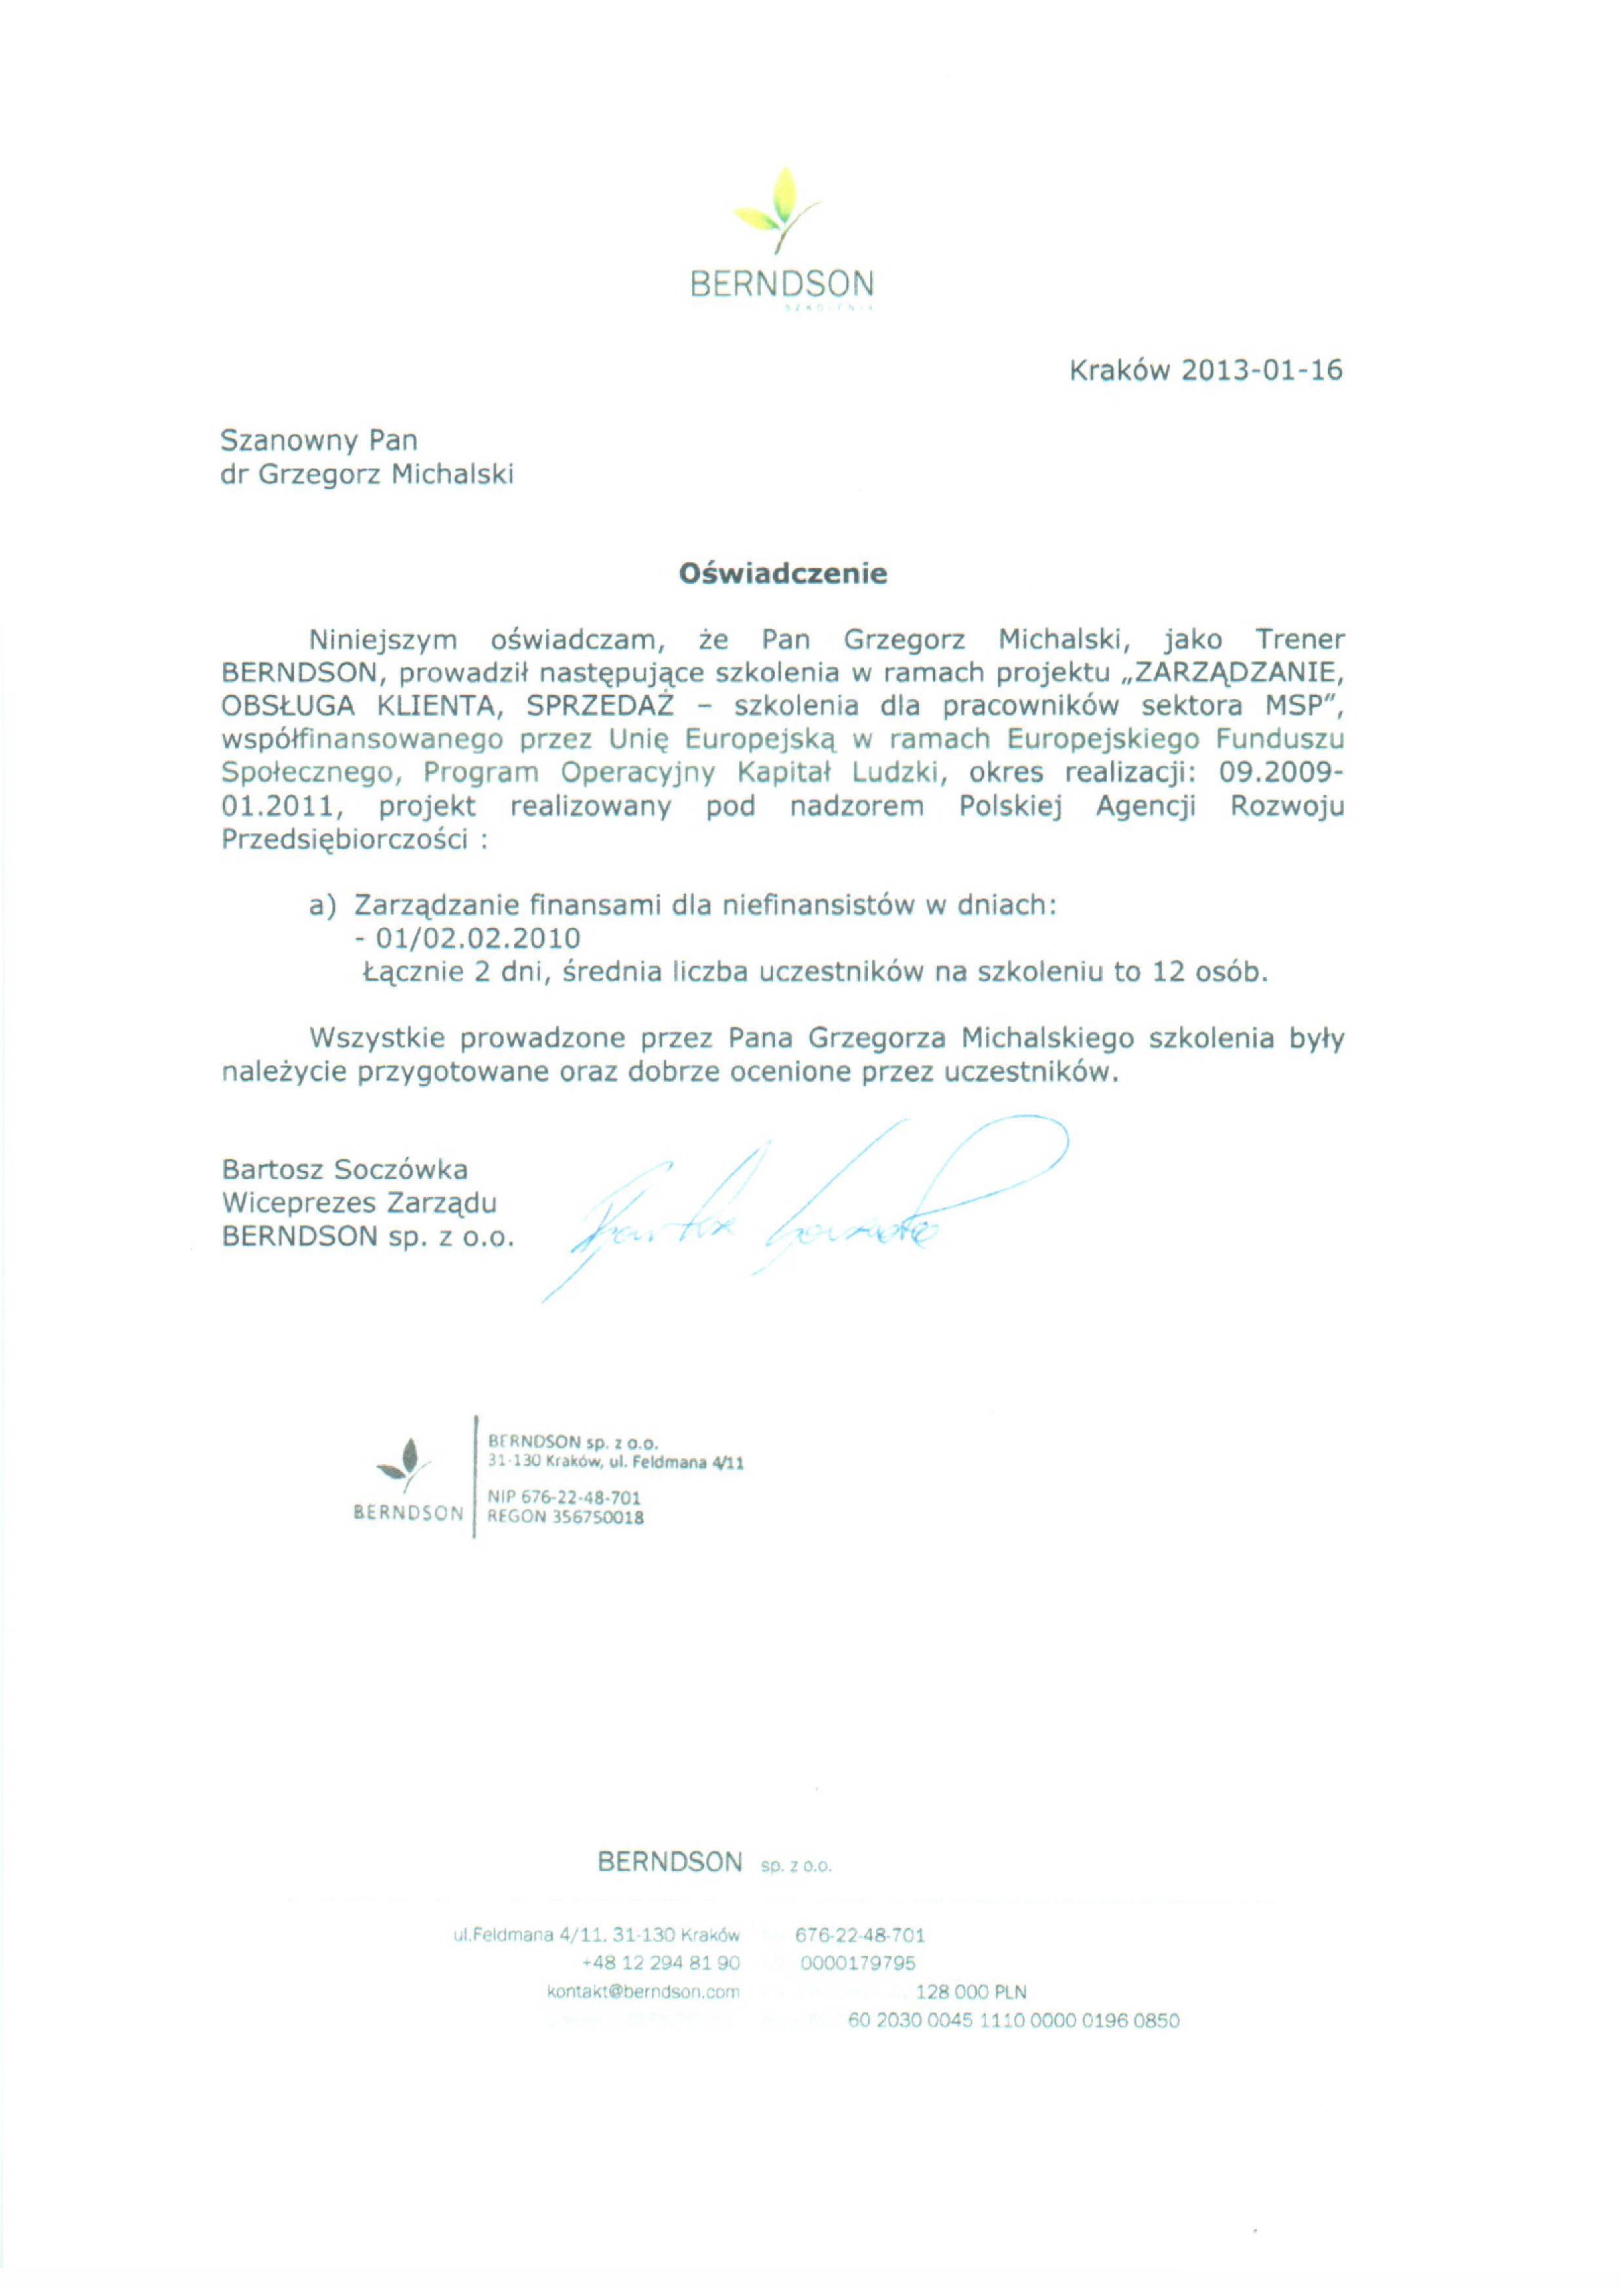 Referencje-michalski-grzegorz-Zarzadzanie-Finansami-II2010Warszawa-Berndson.jpg?=szkolenia